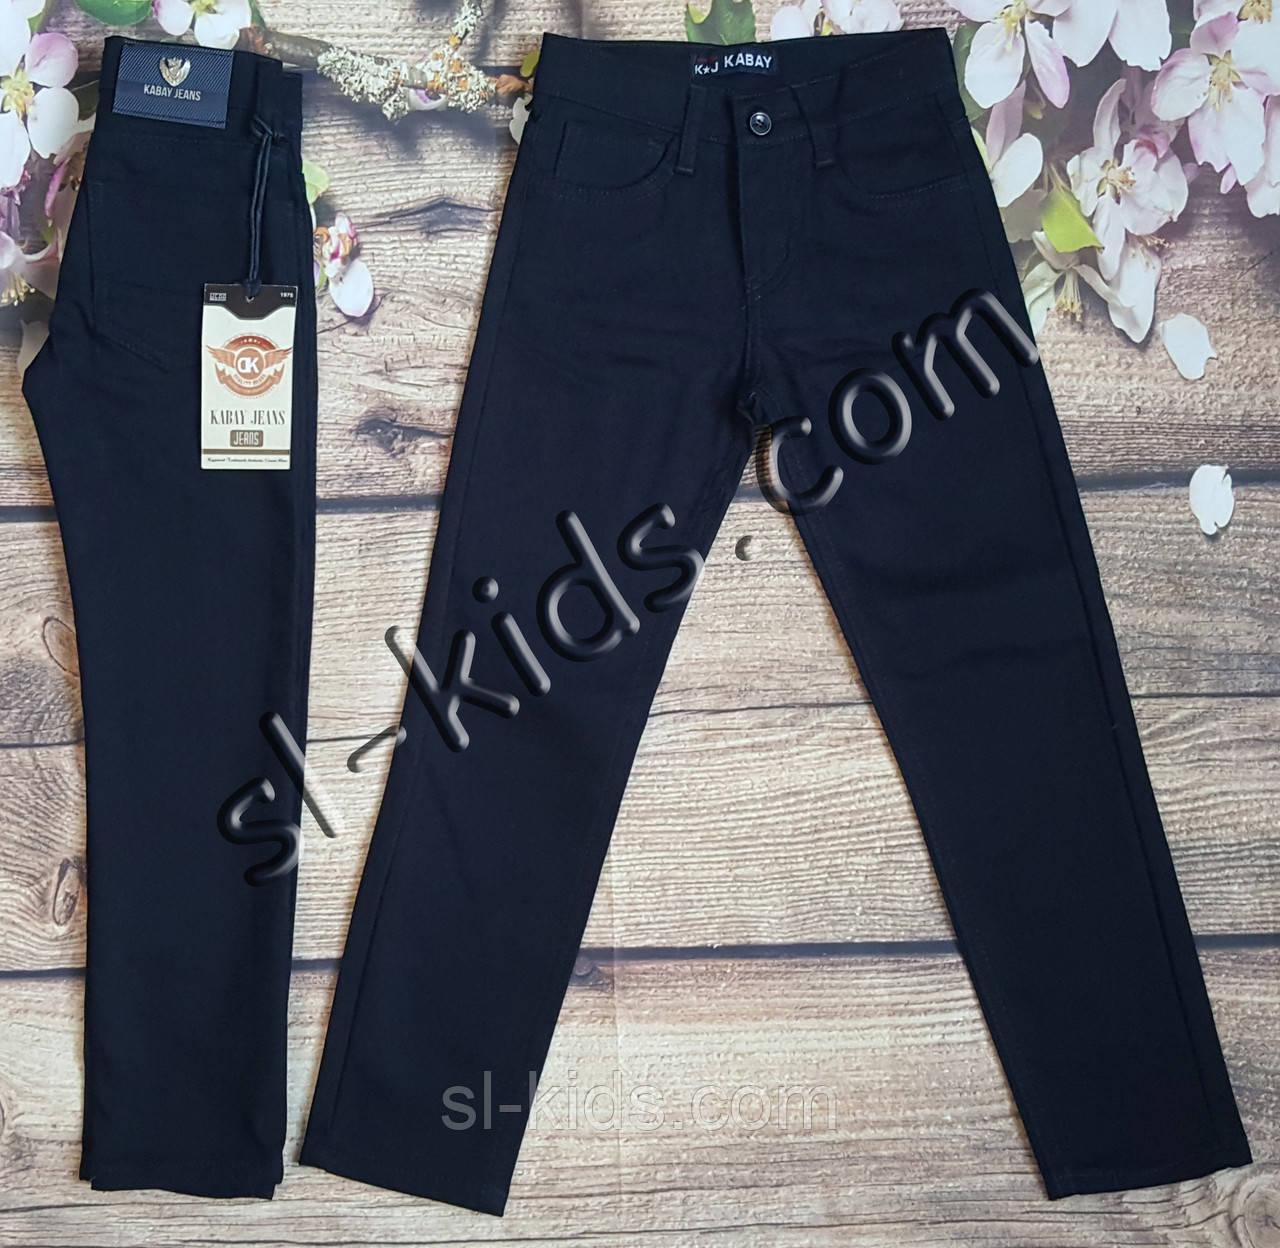 Штани,джинси на флісі для хлопчика 6-10 років опт (Kabay) (темно сині) пр. Туреччина